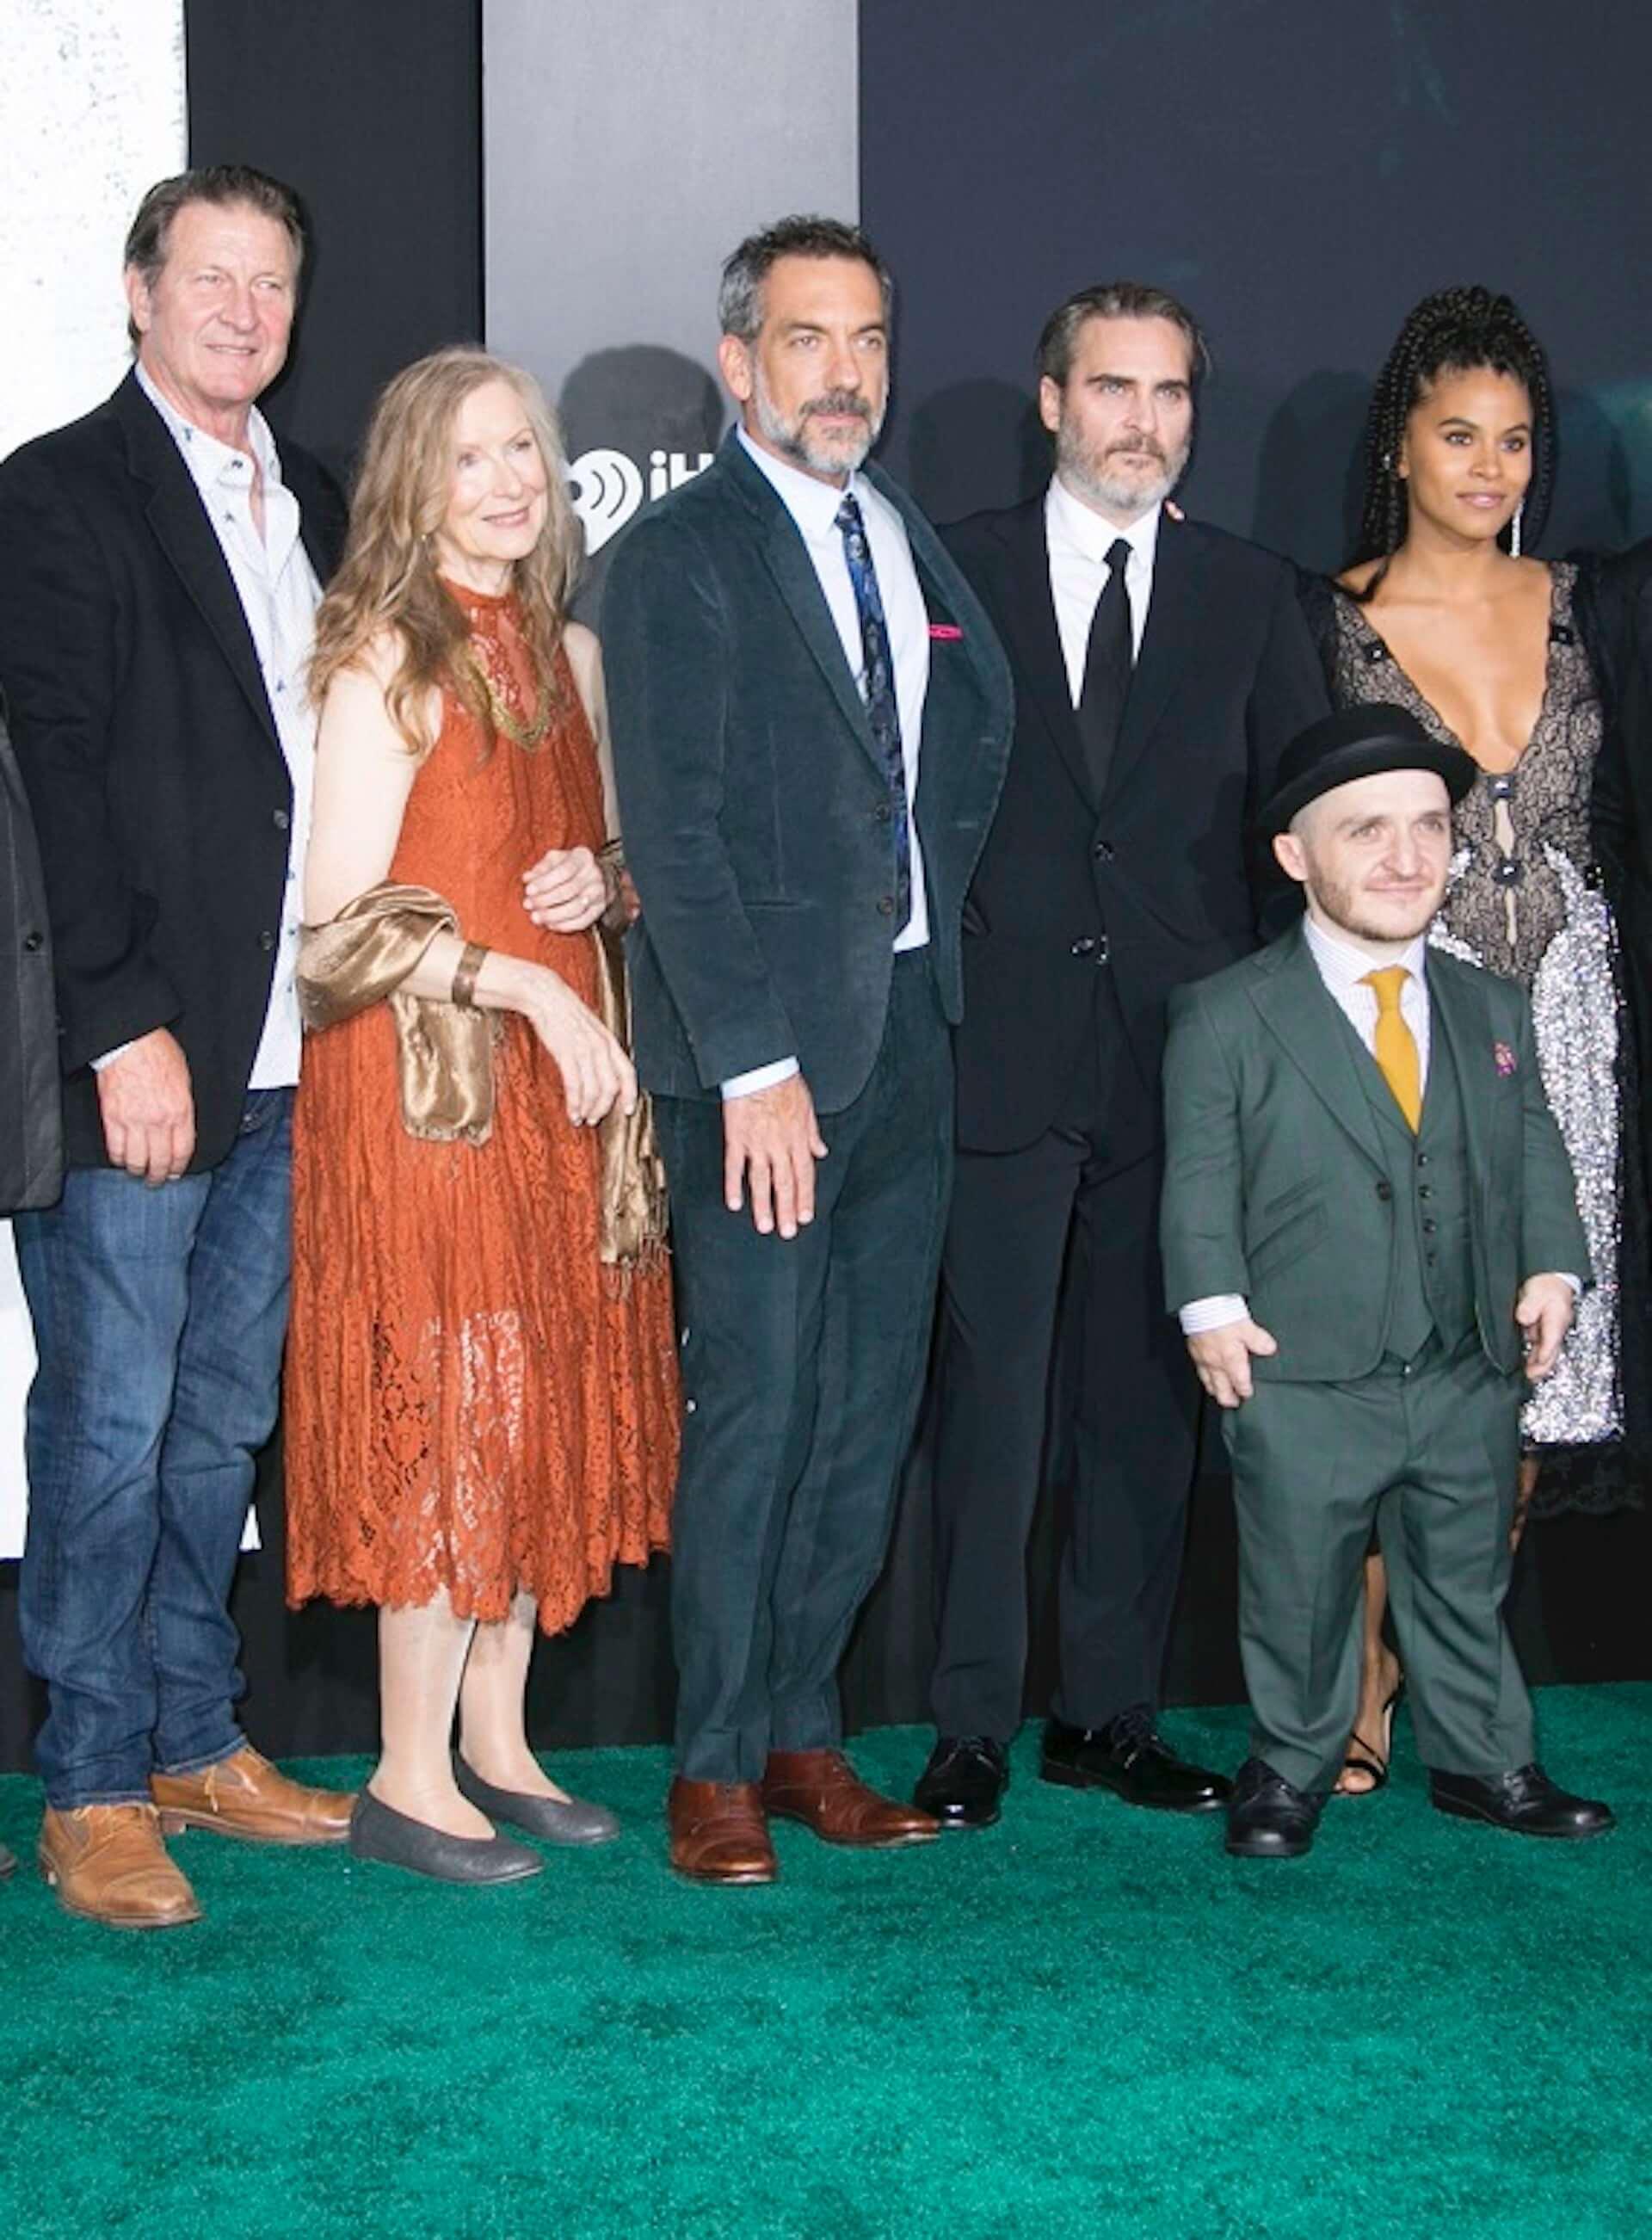 映画『ジョーカー』ホアキン・フェニックスが<USプレミア>で語る本作への想いとは? film190930joker-premier_3-1920x2603